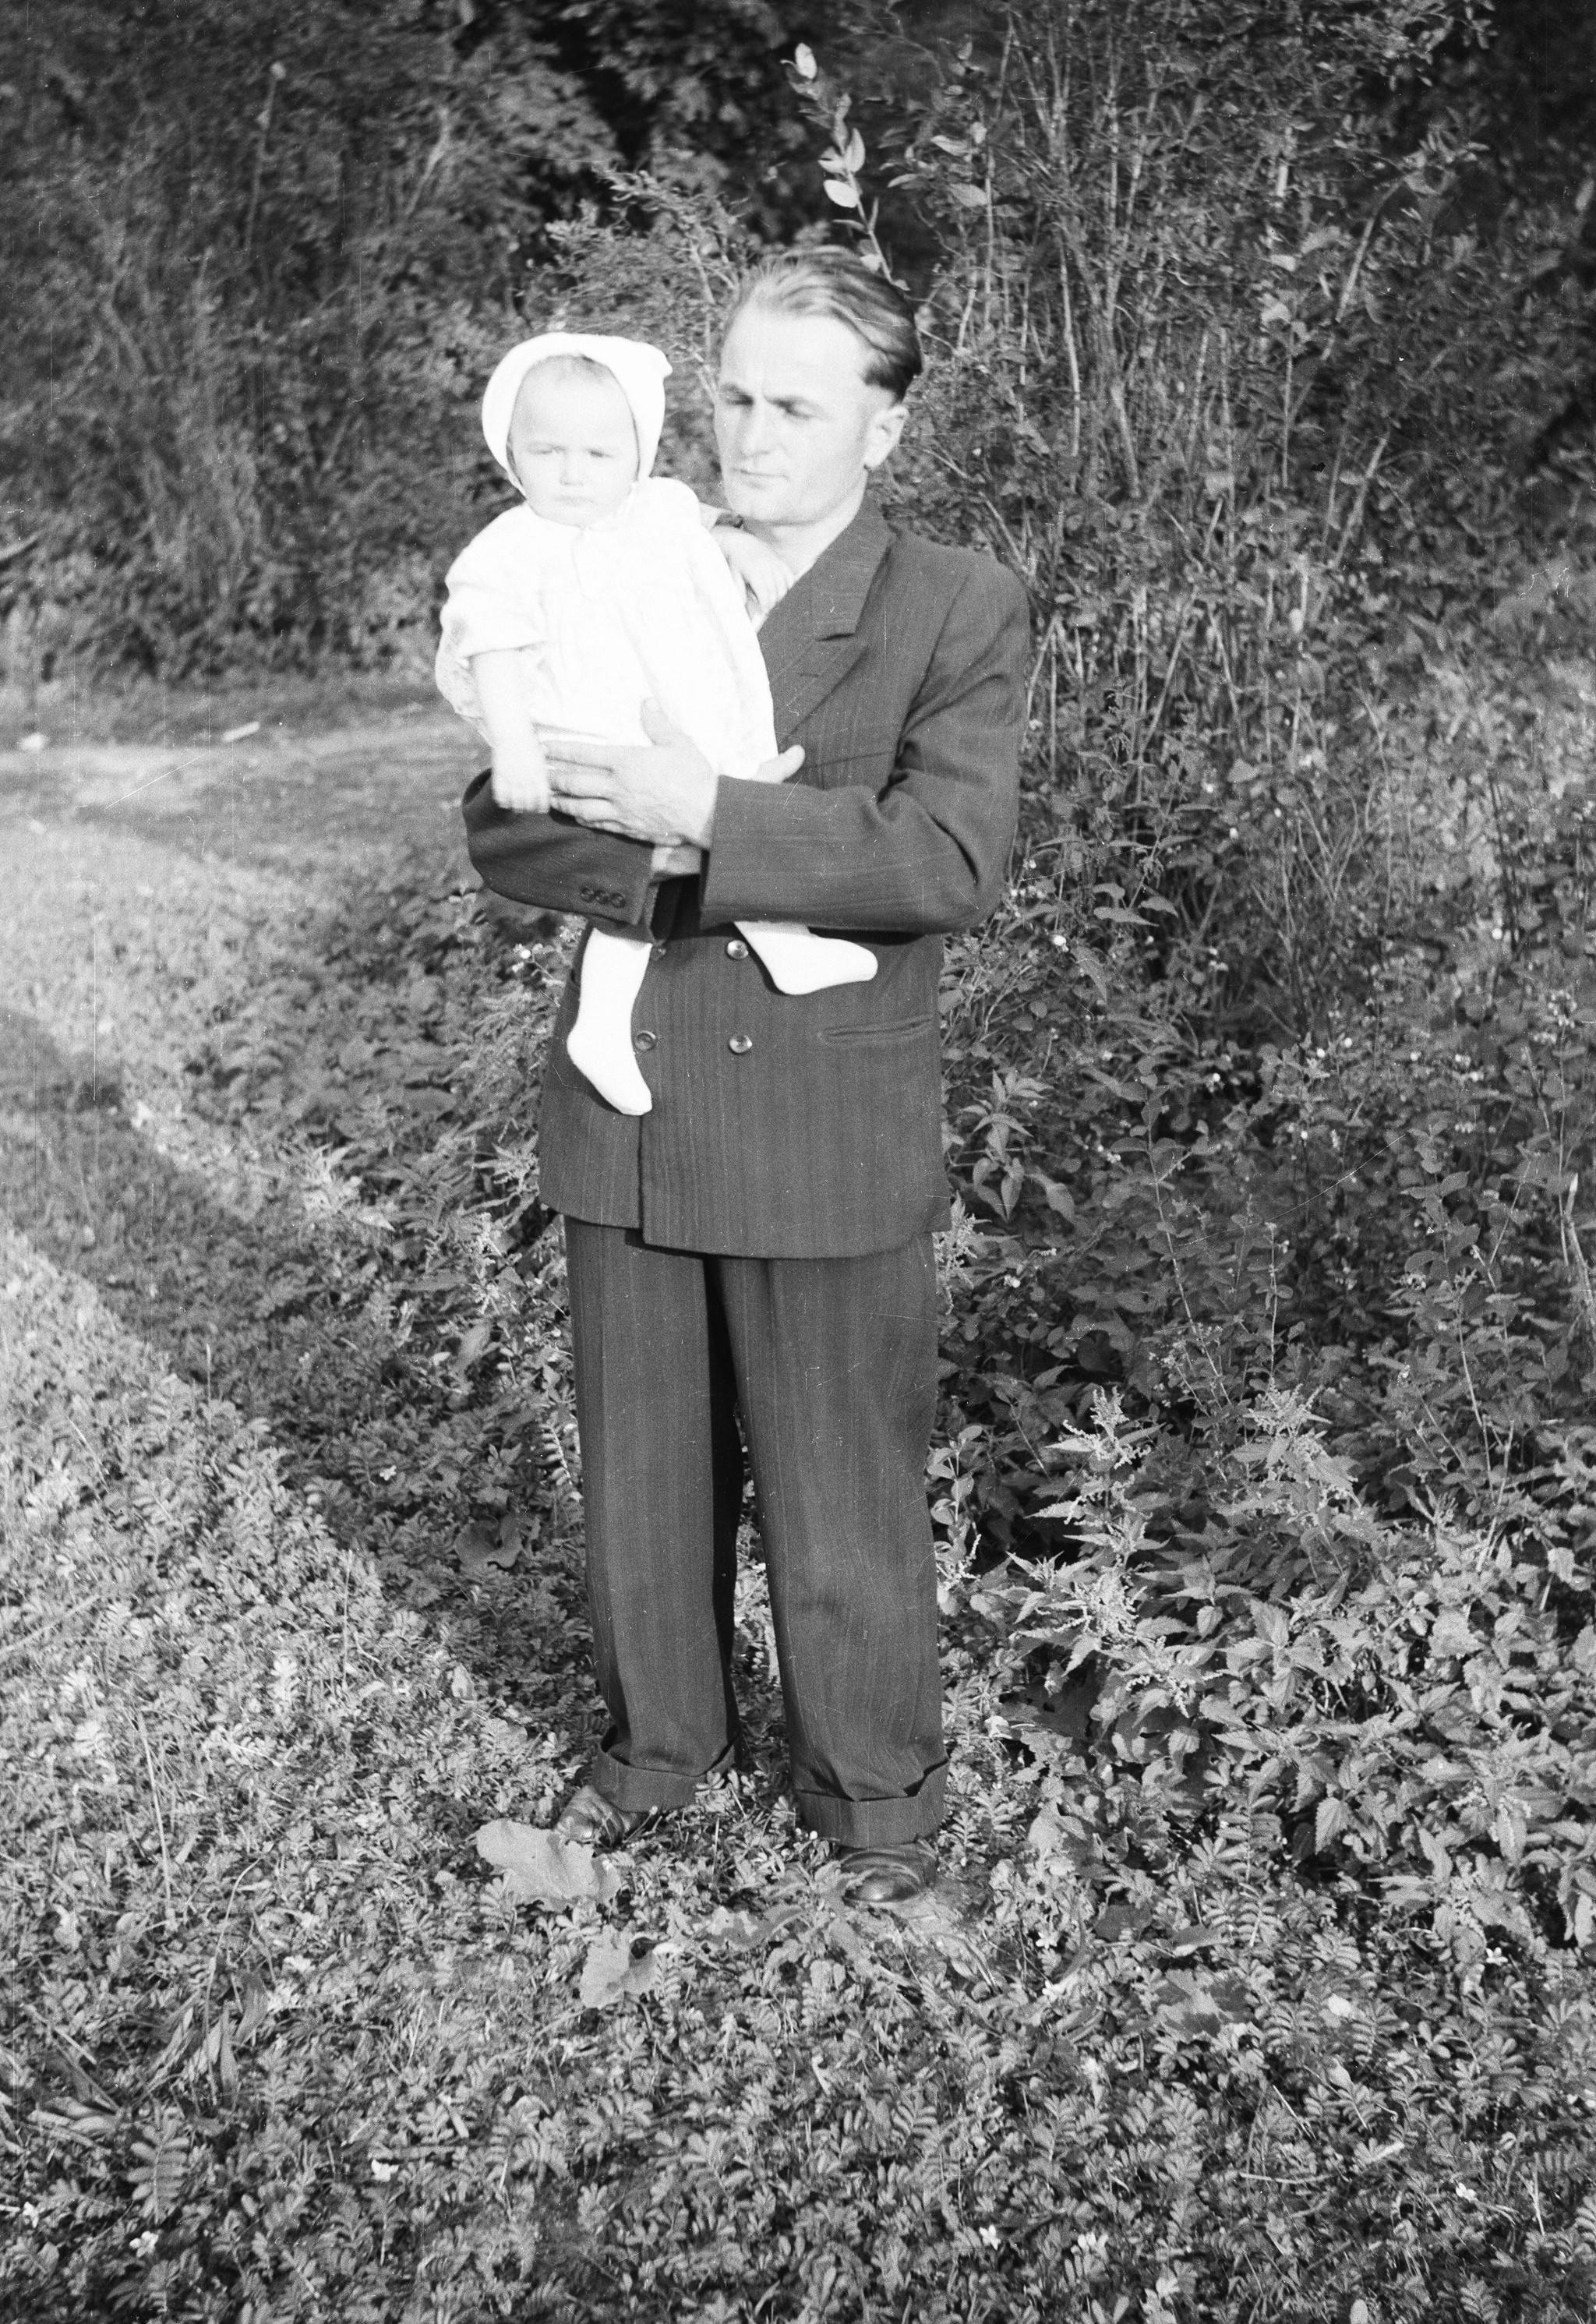 Pan Punda z dzieckiem, Węglewo, Dolny Śląsk, lata 50. XX w.